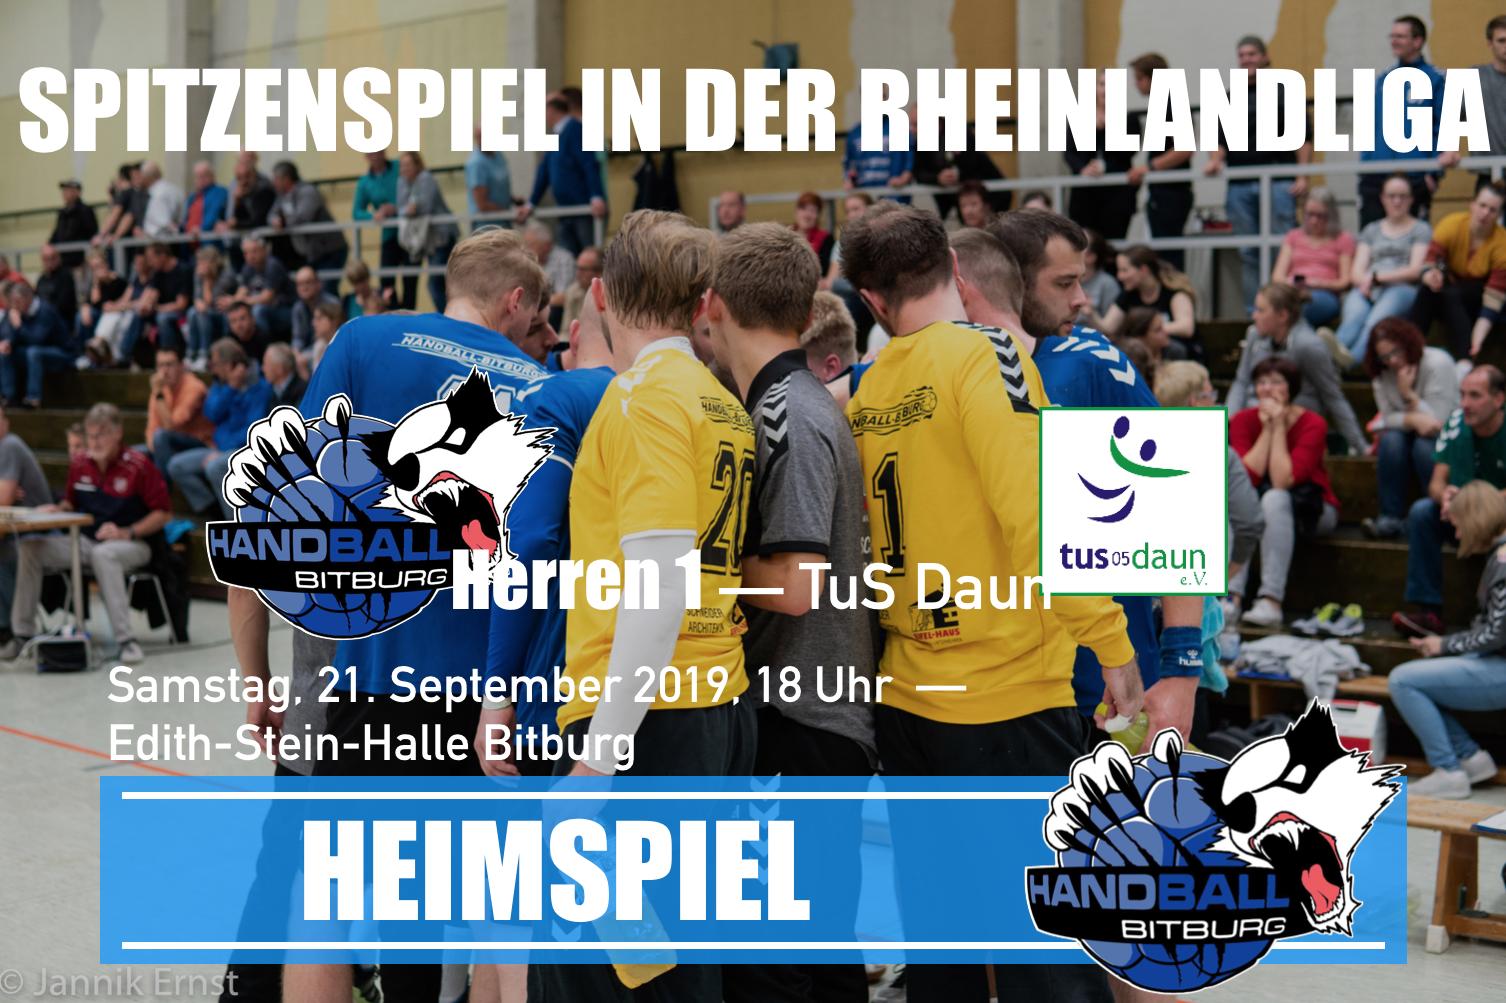 Spitzenspiel in Bitburg! 1. Herren Mannschaft gegen den TuS Daun